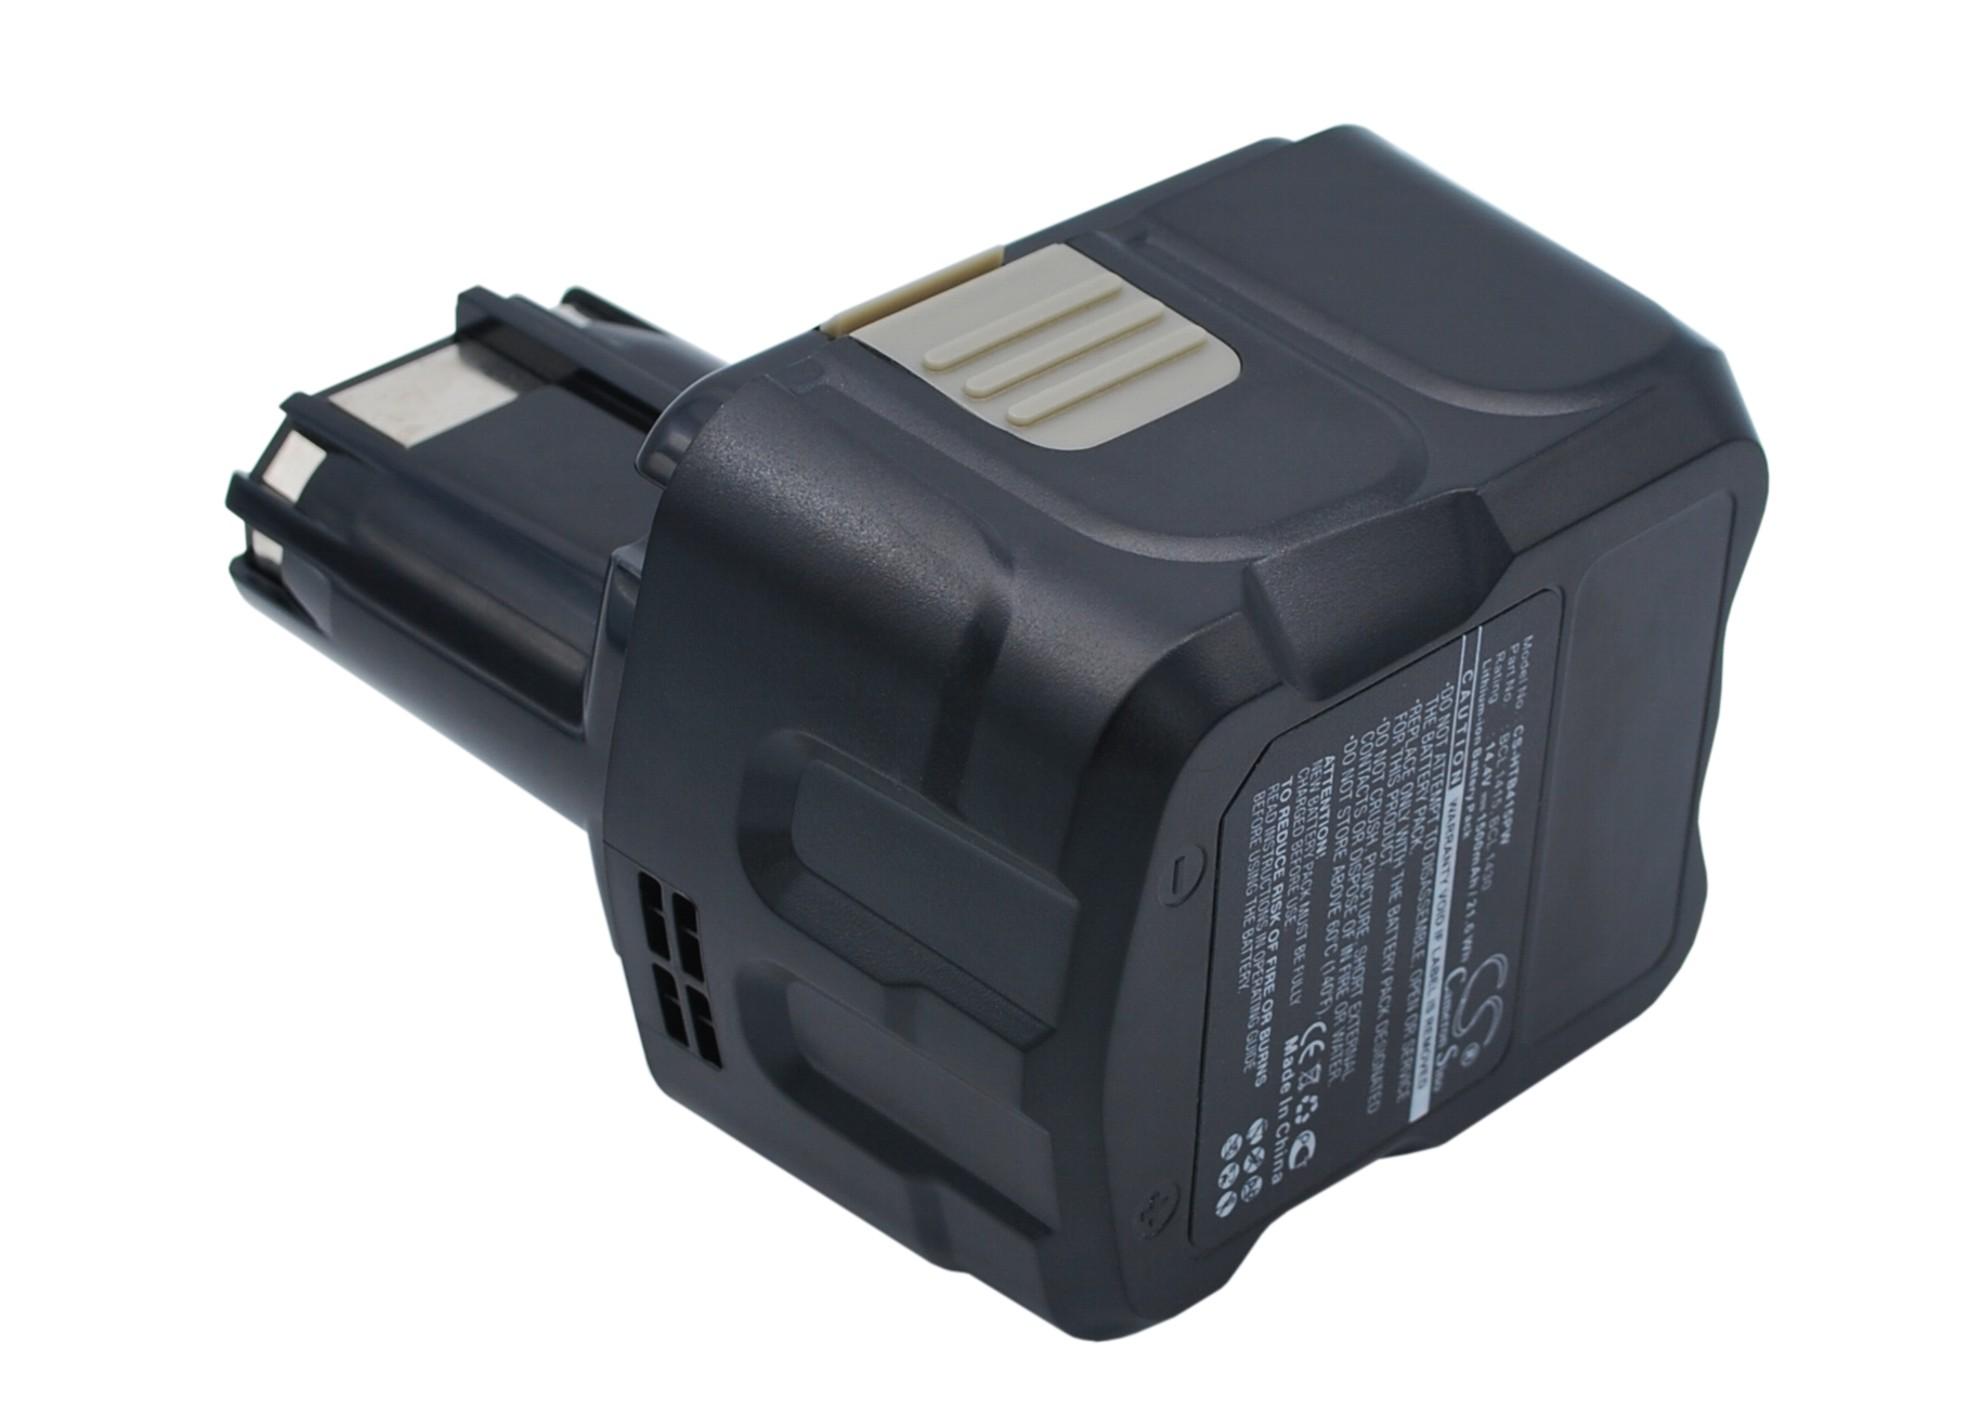 Cameron Sino baterie do nářadí pro HITACHI DV 14DL 14.4V Li-ion 3000mAh černá - neoriginální